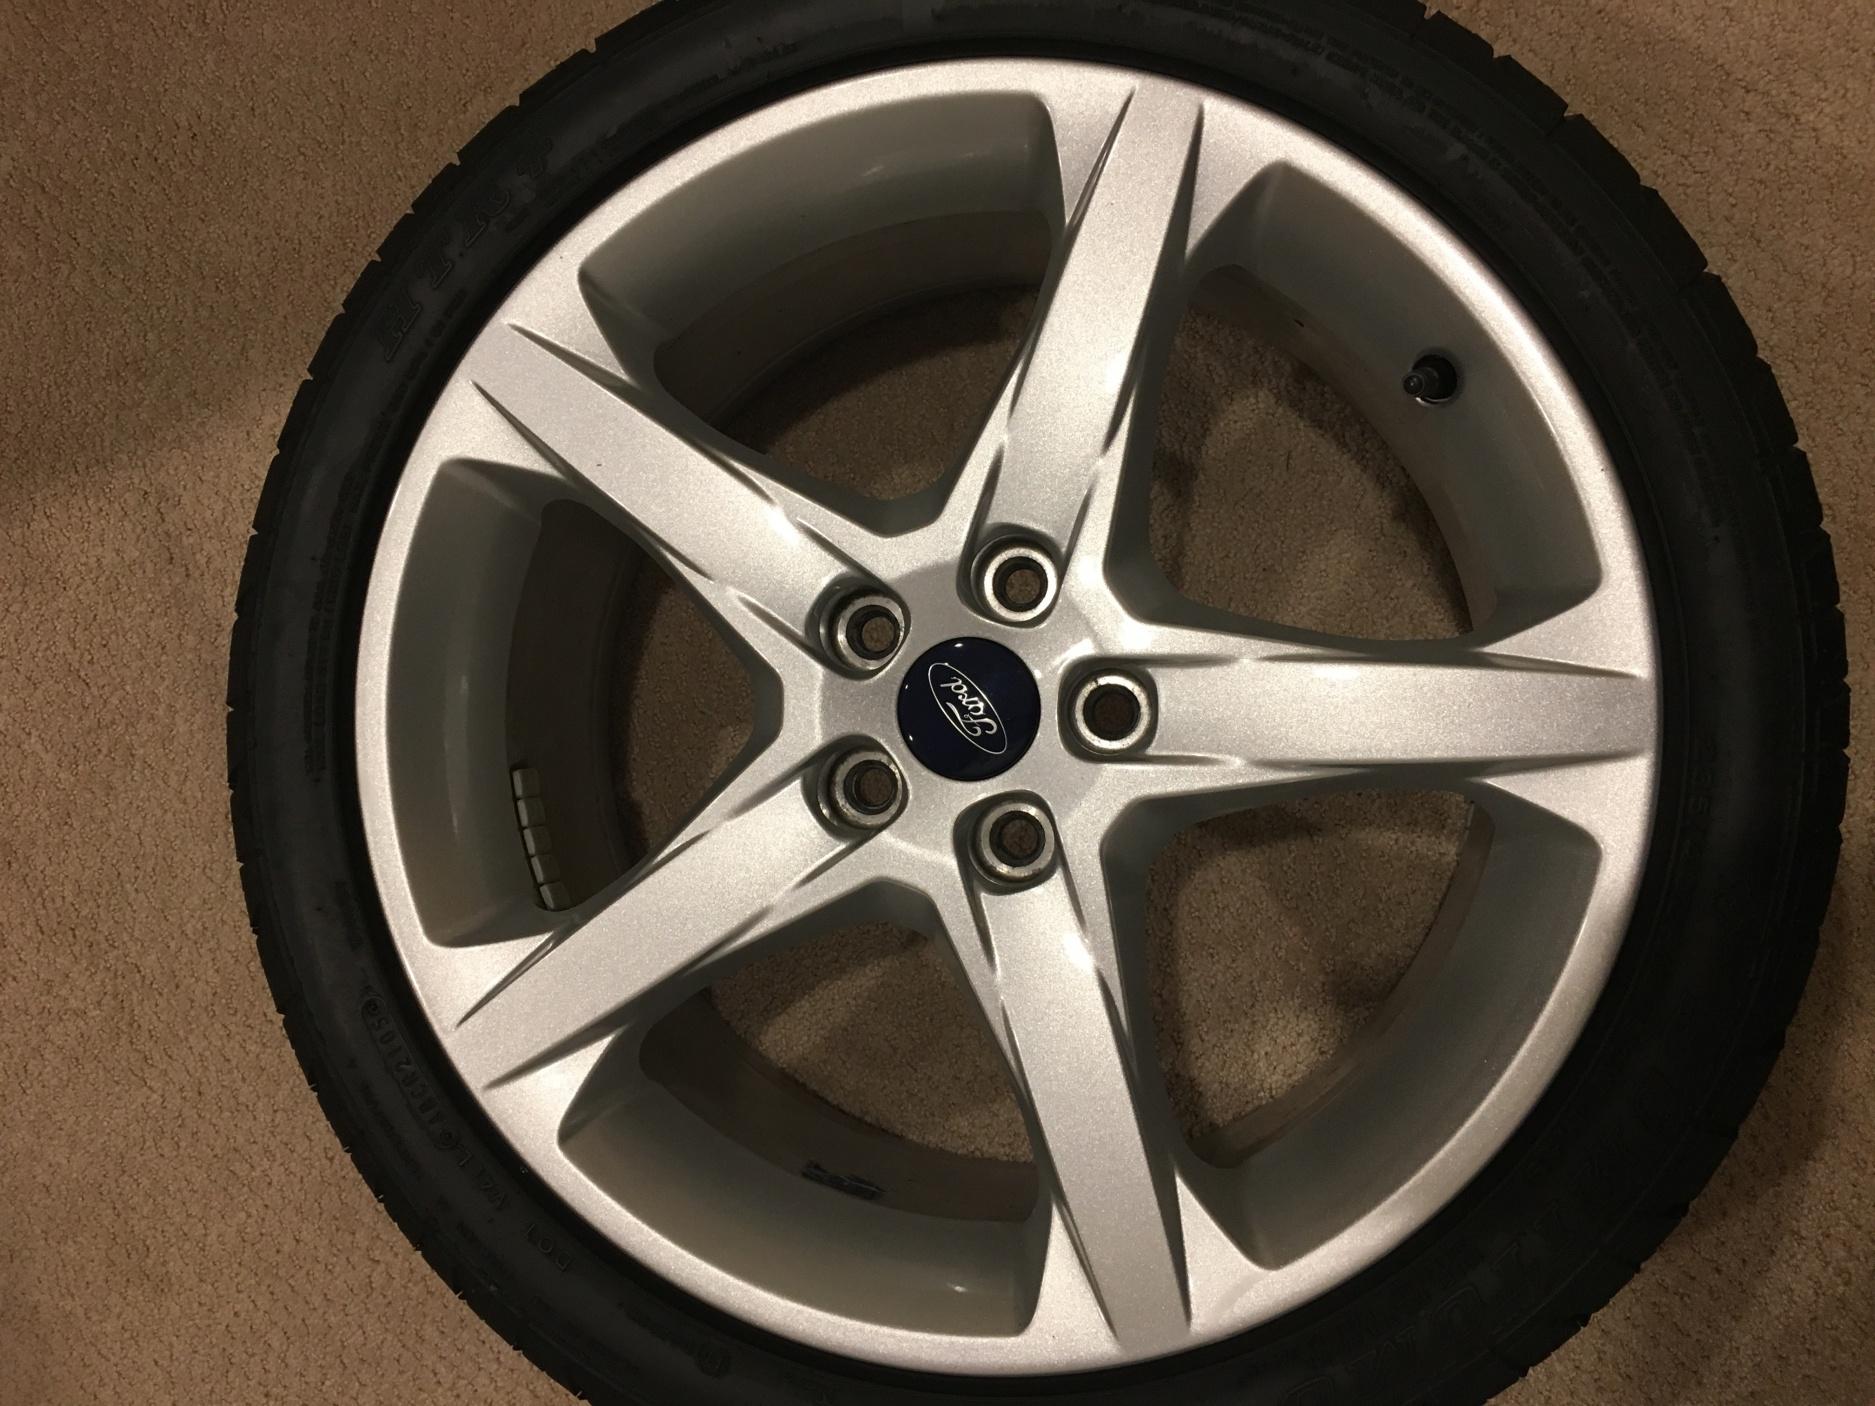 """For Sale: 18"""" Titanium Wheels & Tires-99790ae9-5903-4fbe-bd6a-3c15ca00434b.jpg"""